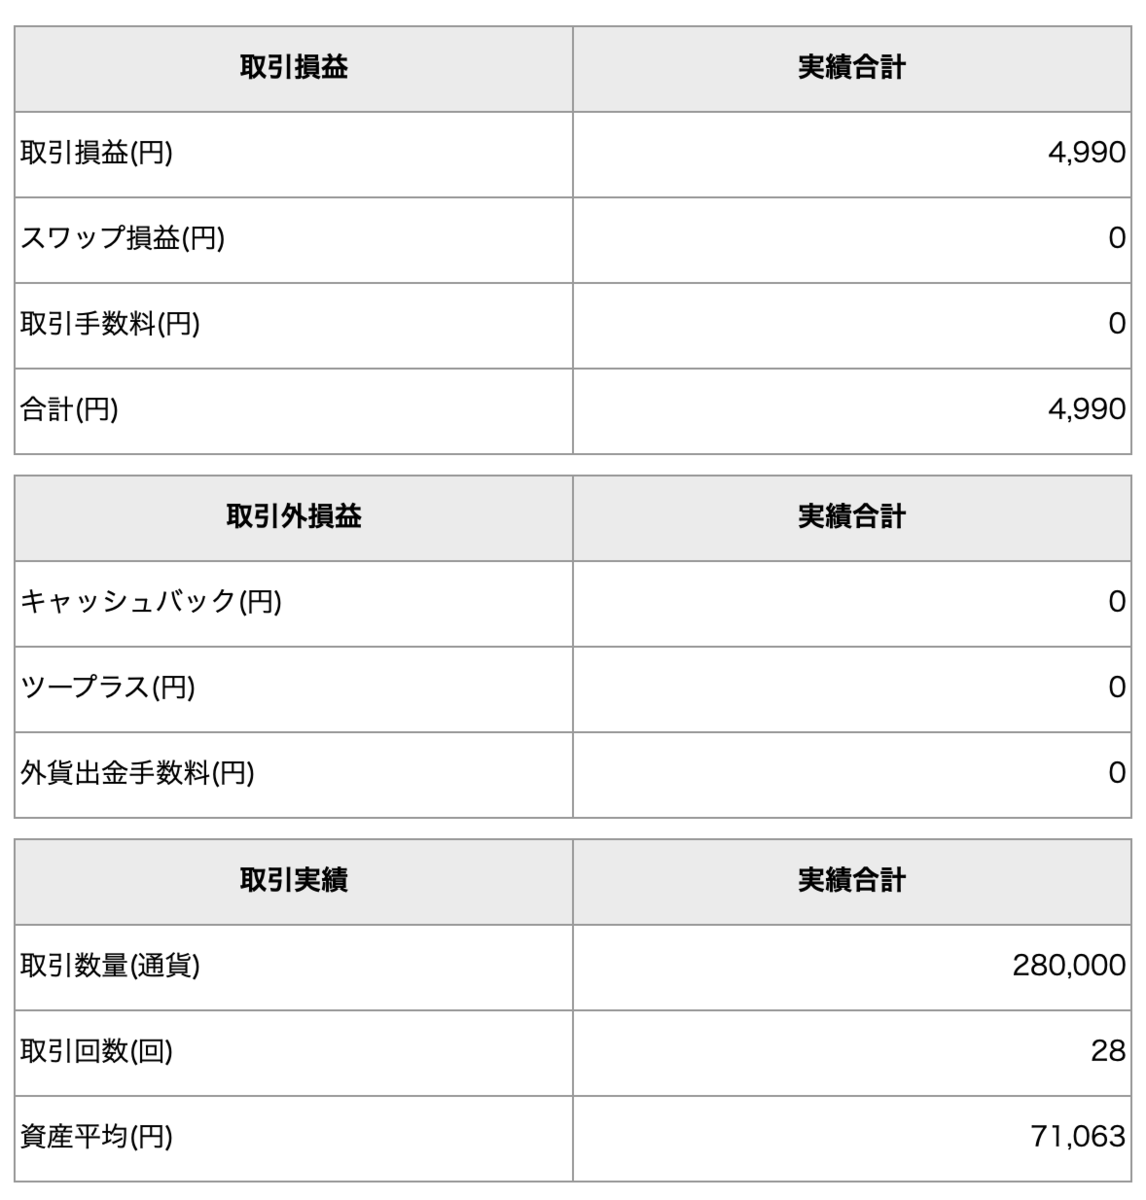 f:id:hank-fire:20210723184515p:plain